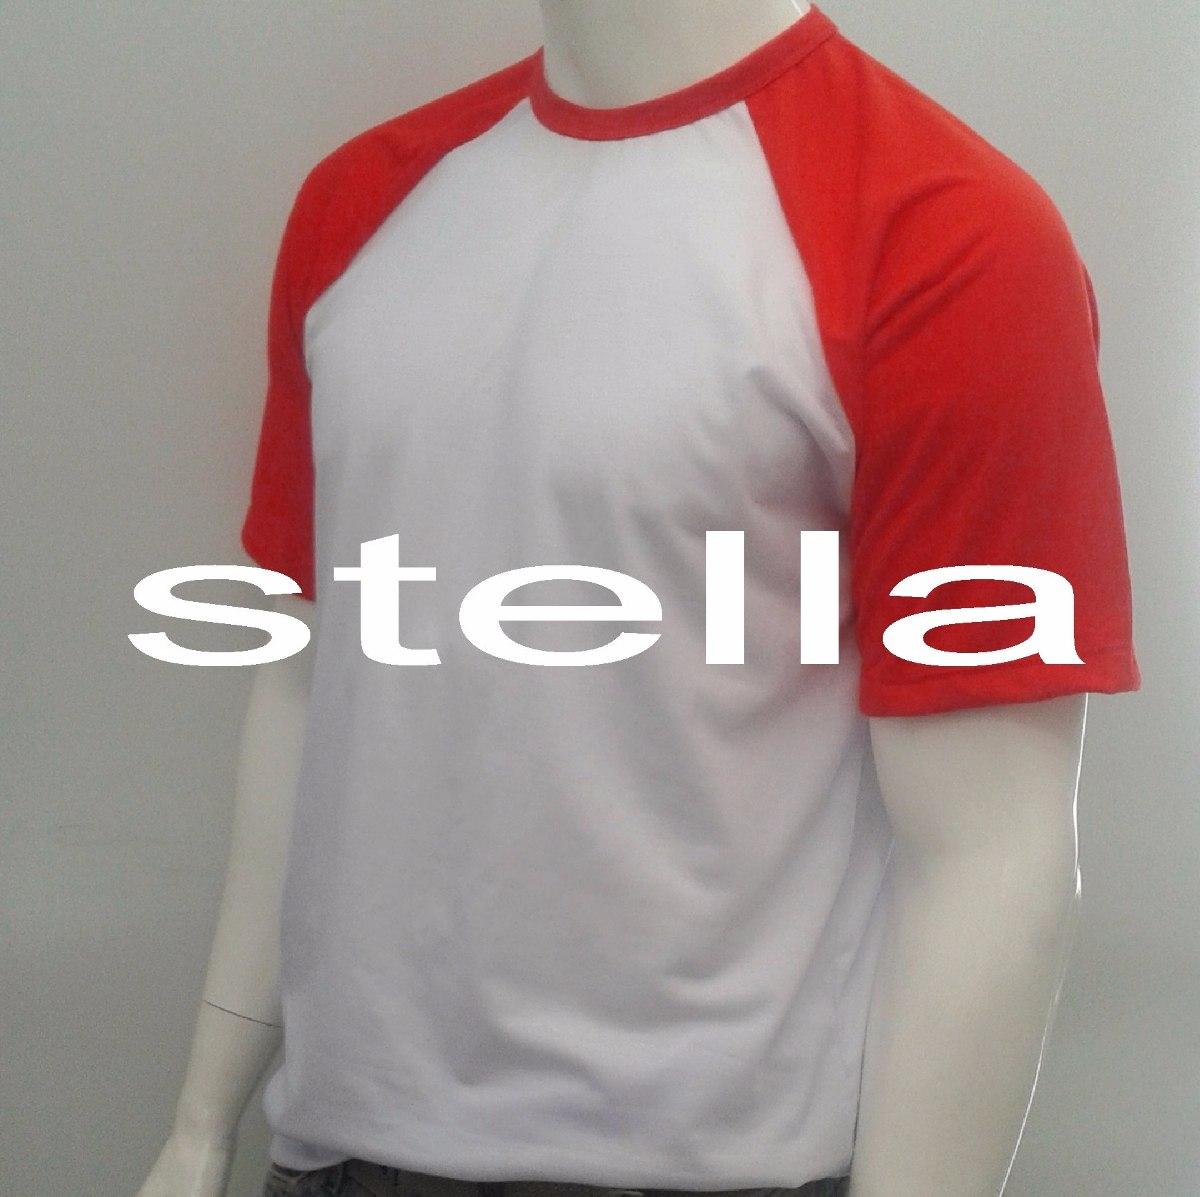 3dad0240bf Camiseta Raglan Gg Para Sublimação 100% Poliéster A Melhor! - R  15 ...